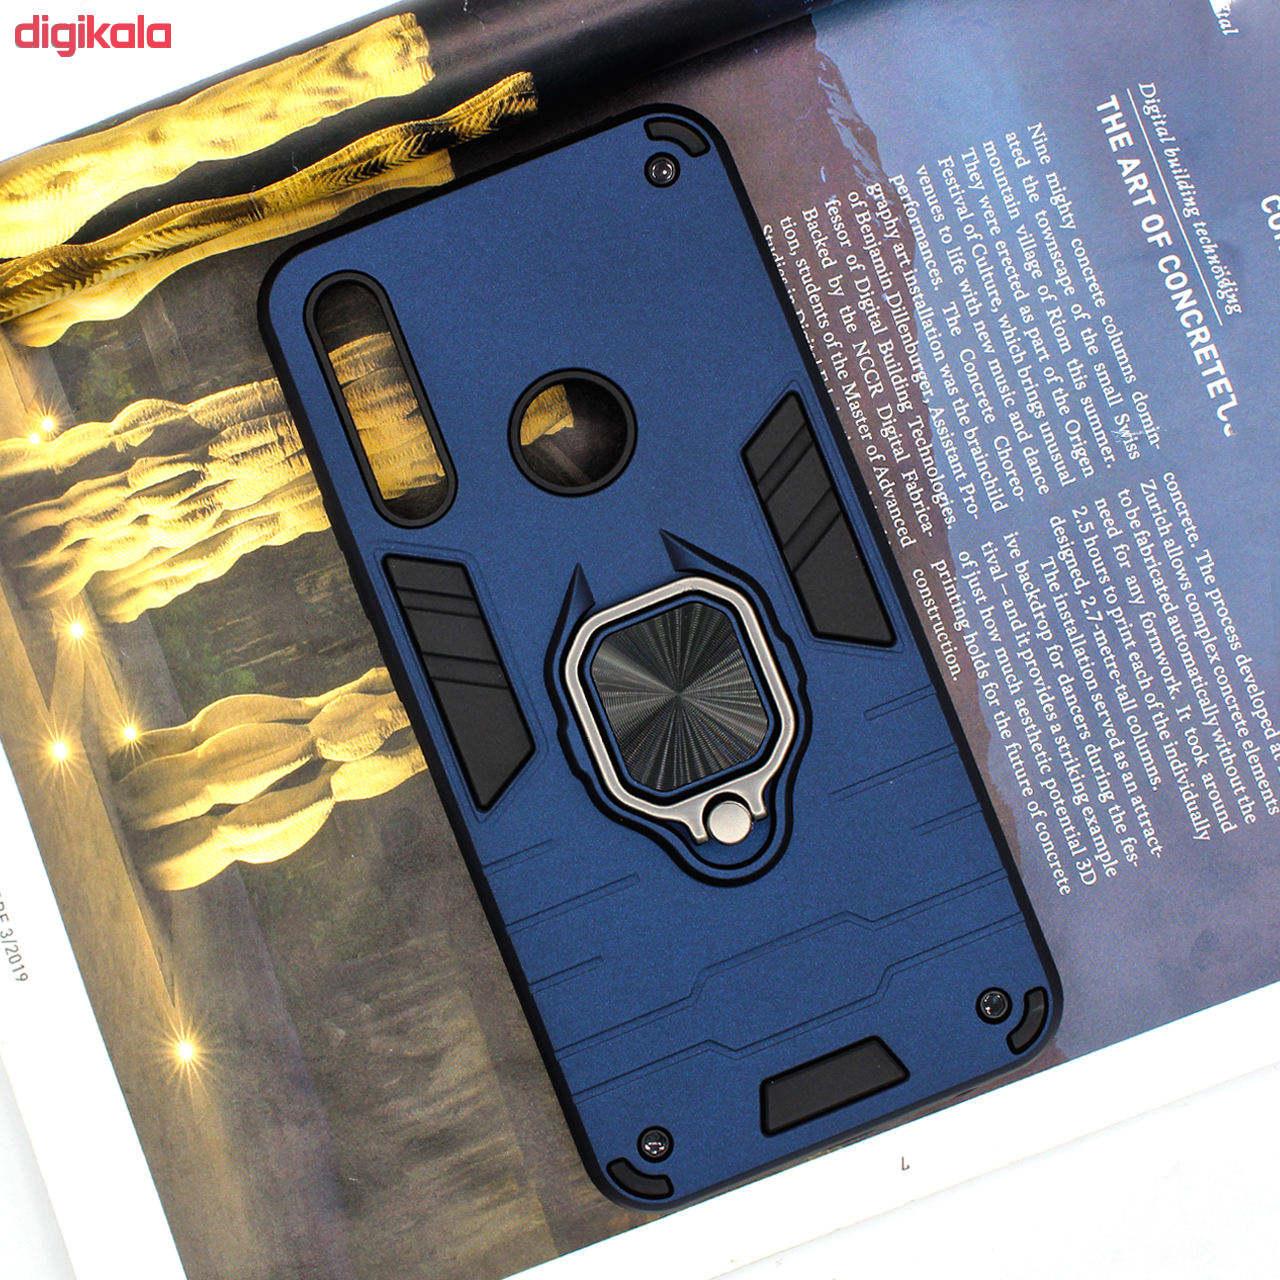 کاور کینگ پاور مدل ASH22 مناسب برای گوشی موبایل هوآوی P30 Lite main 1 10